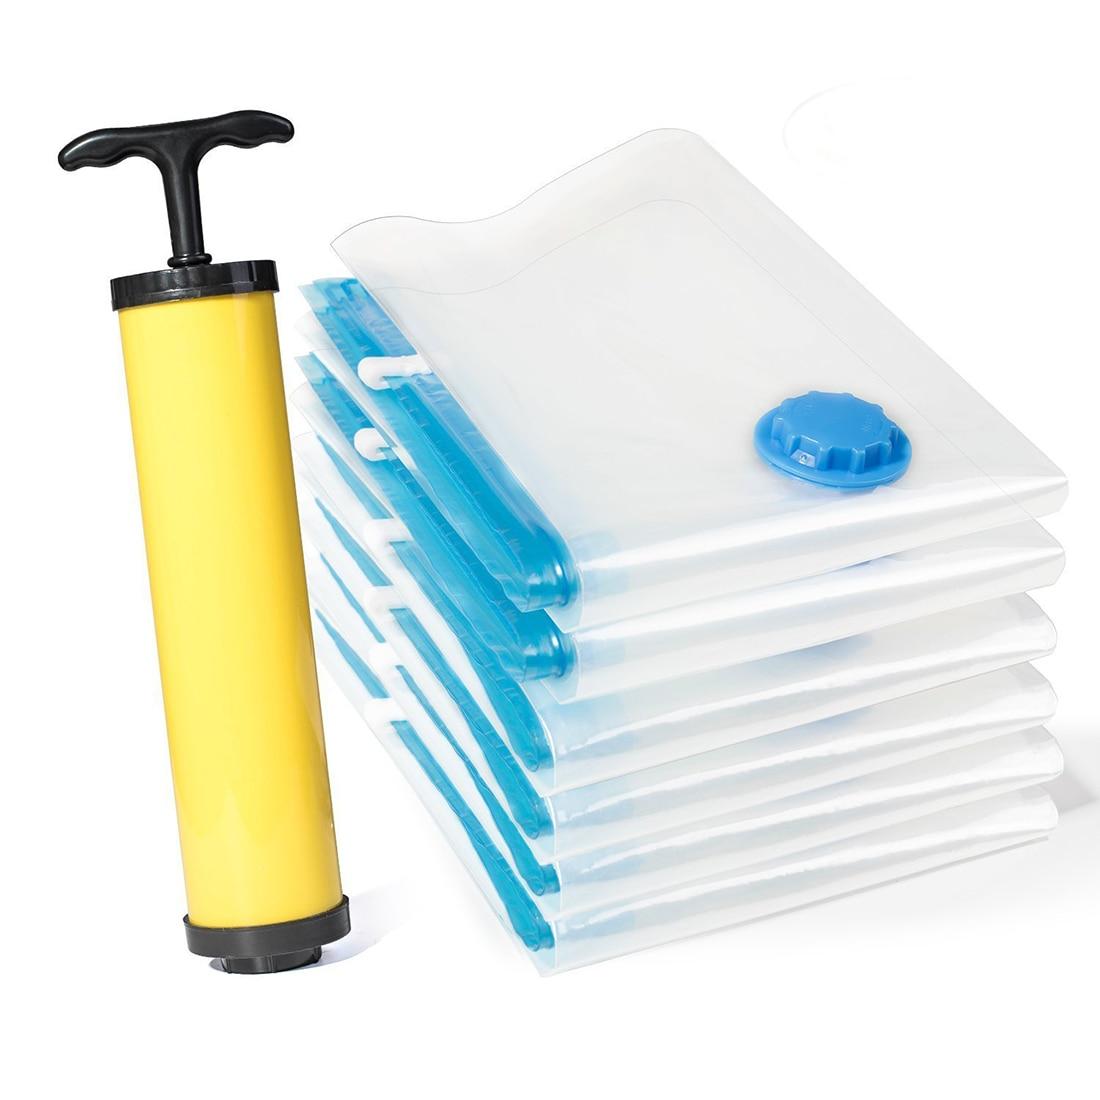 6 Pcs/Set Storage Bag Pump Pouch Bag Practical Compress Thicken Storage Bag Home Storage Organization Travel Accessories F